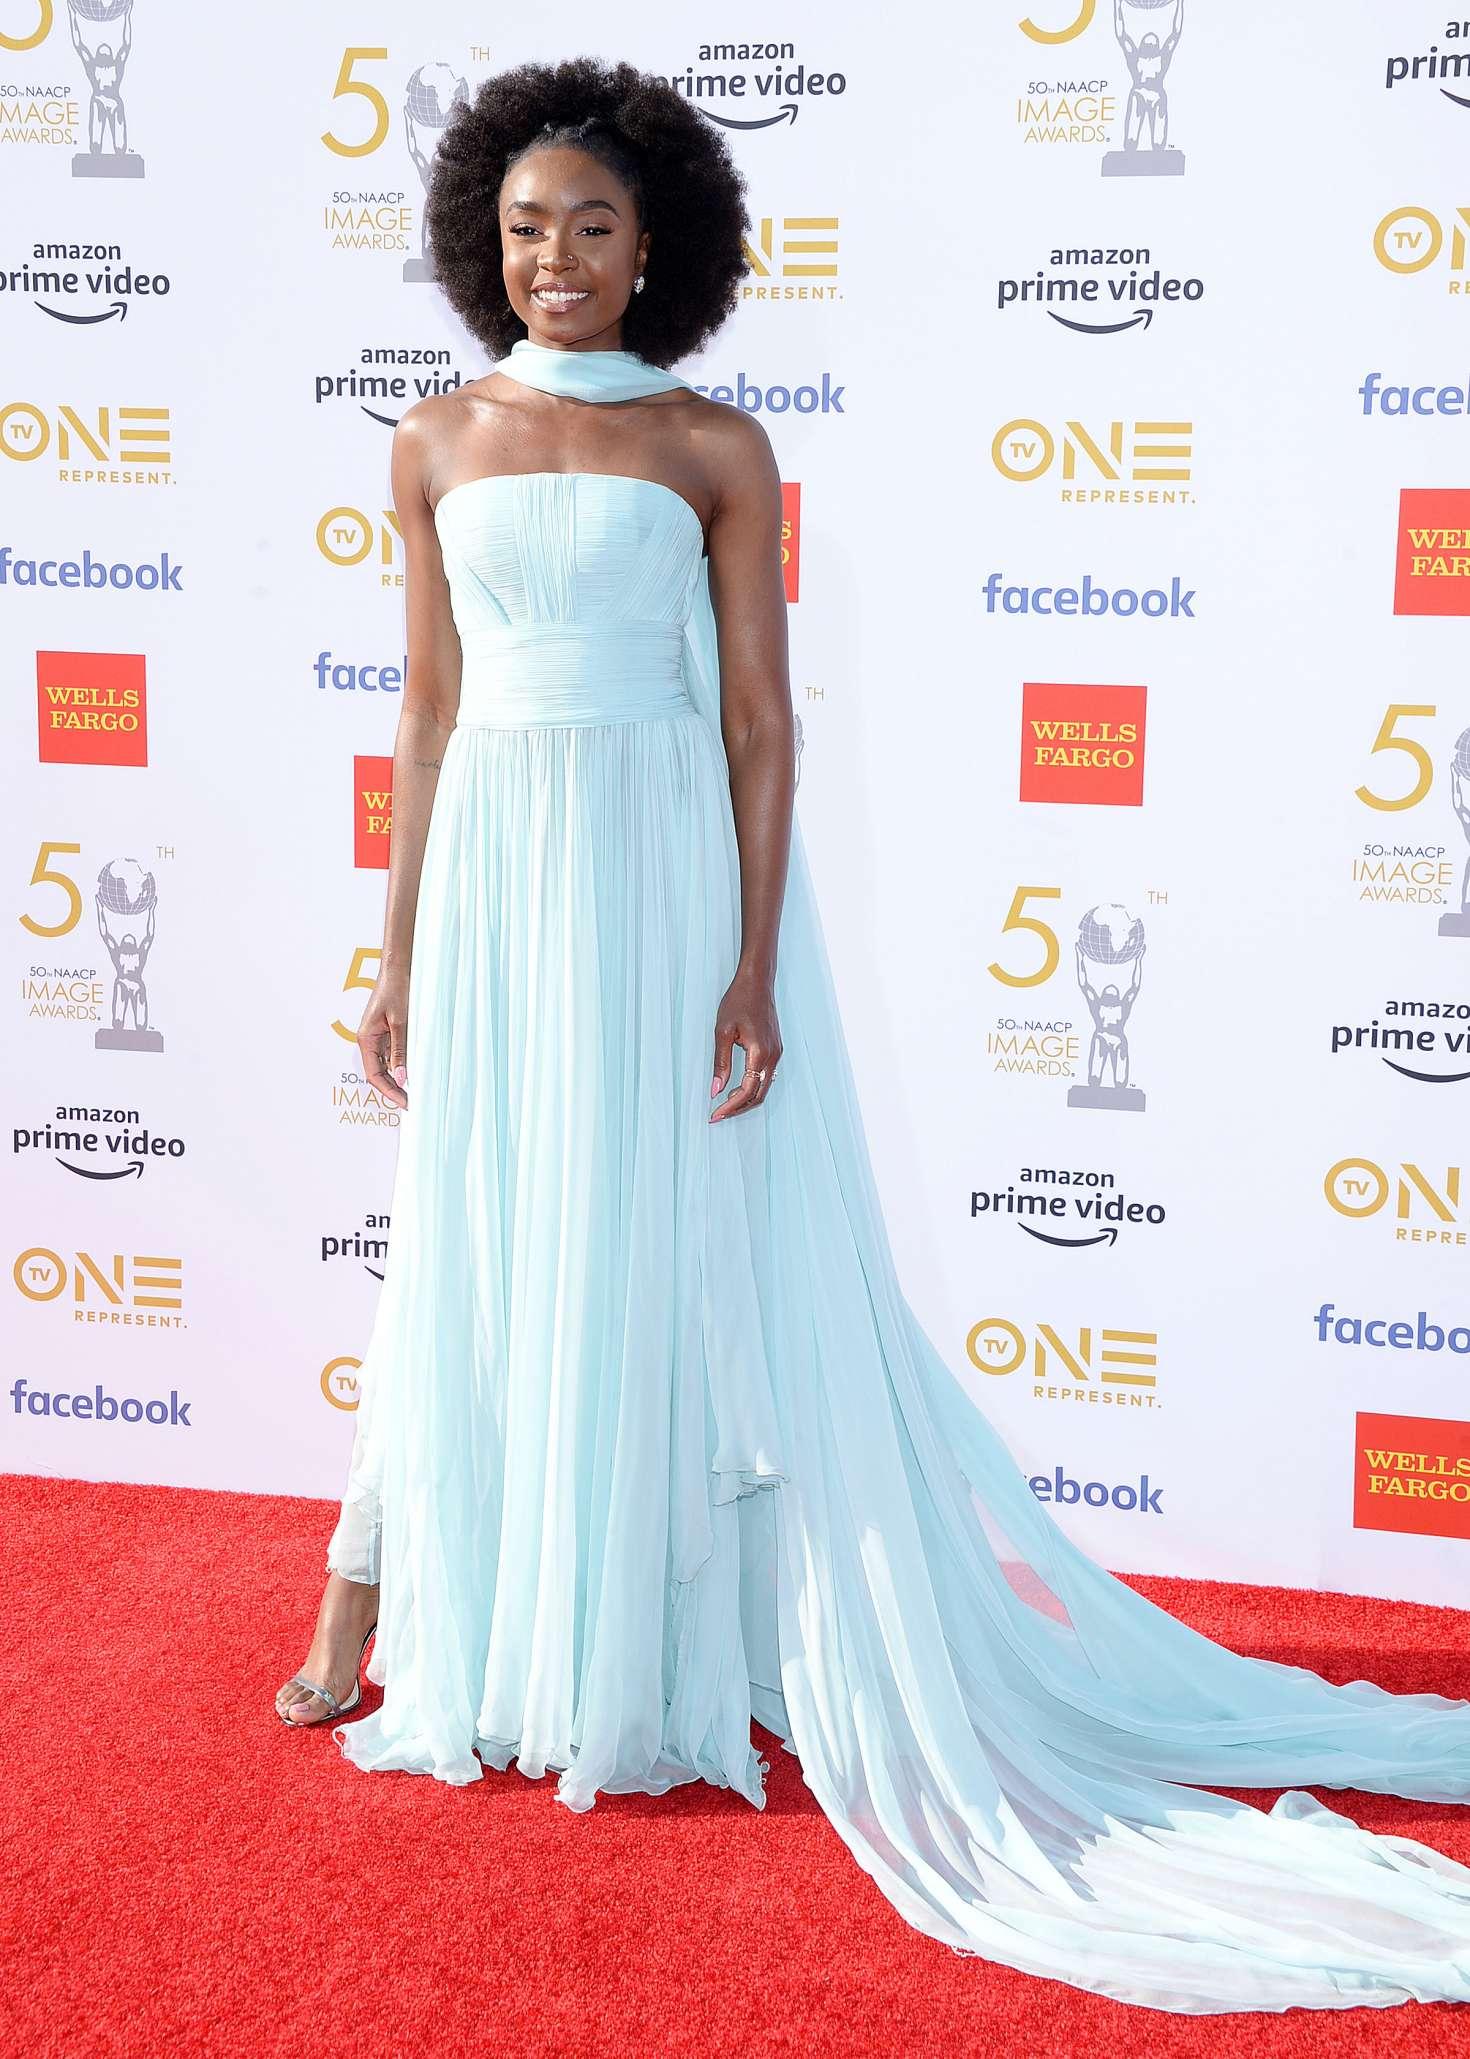 Kiki Layne 2019 : Kiki Layne: 50th NAACAP Image Awards -05